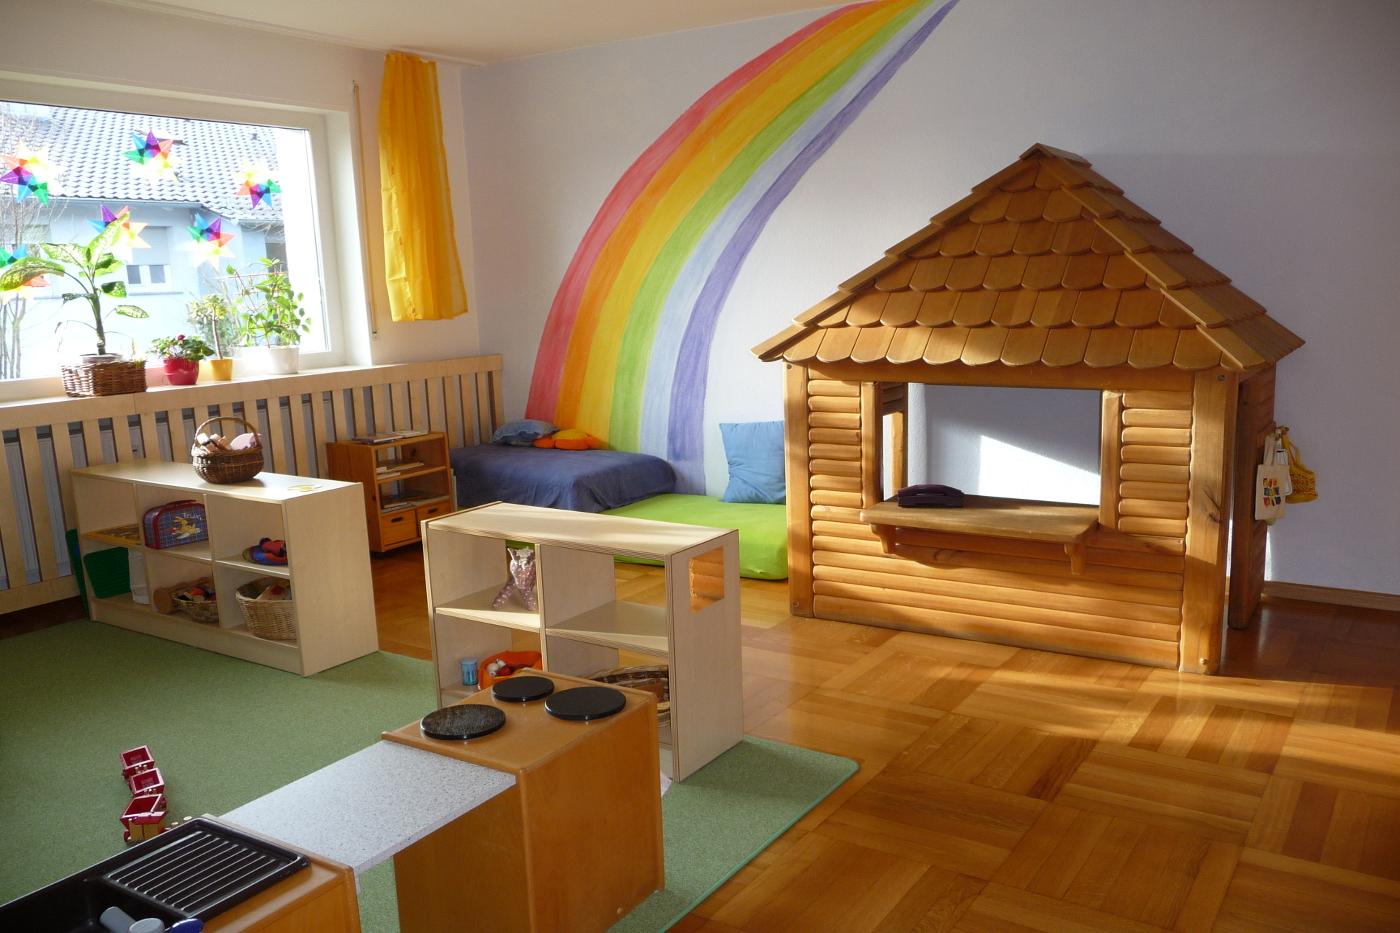 Kita Ausstattung mit Spielhaus und Regalen